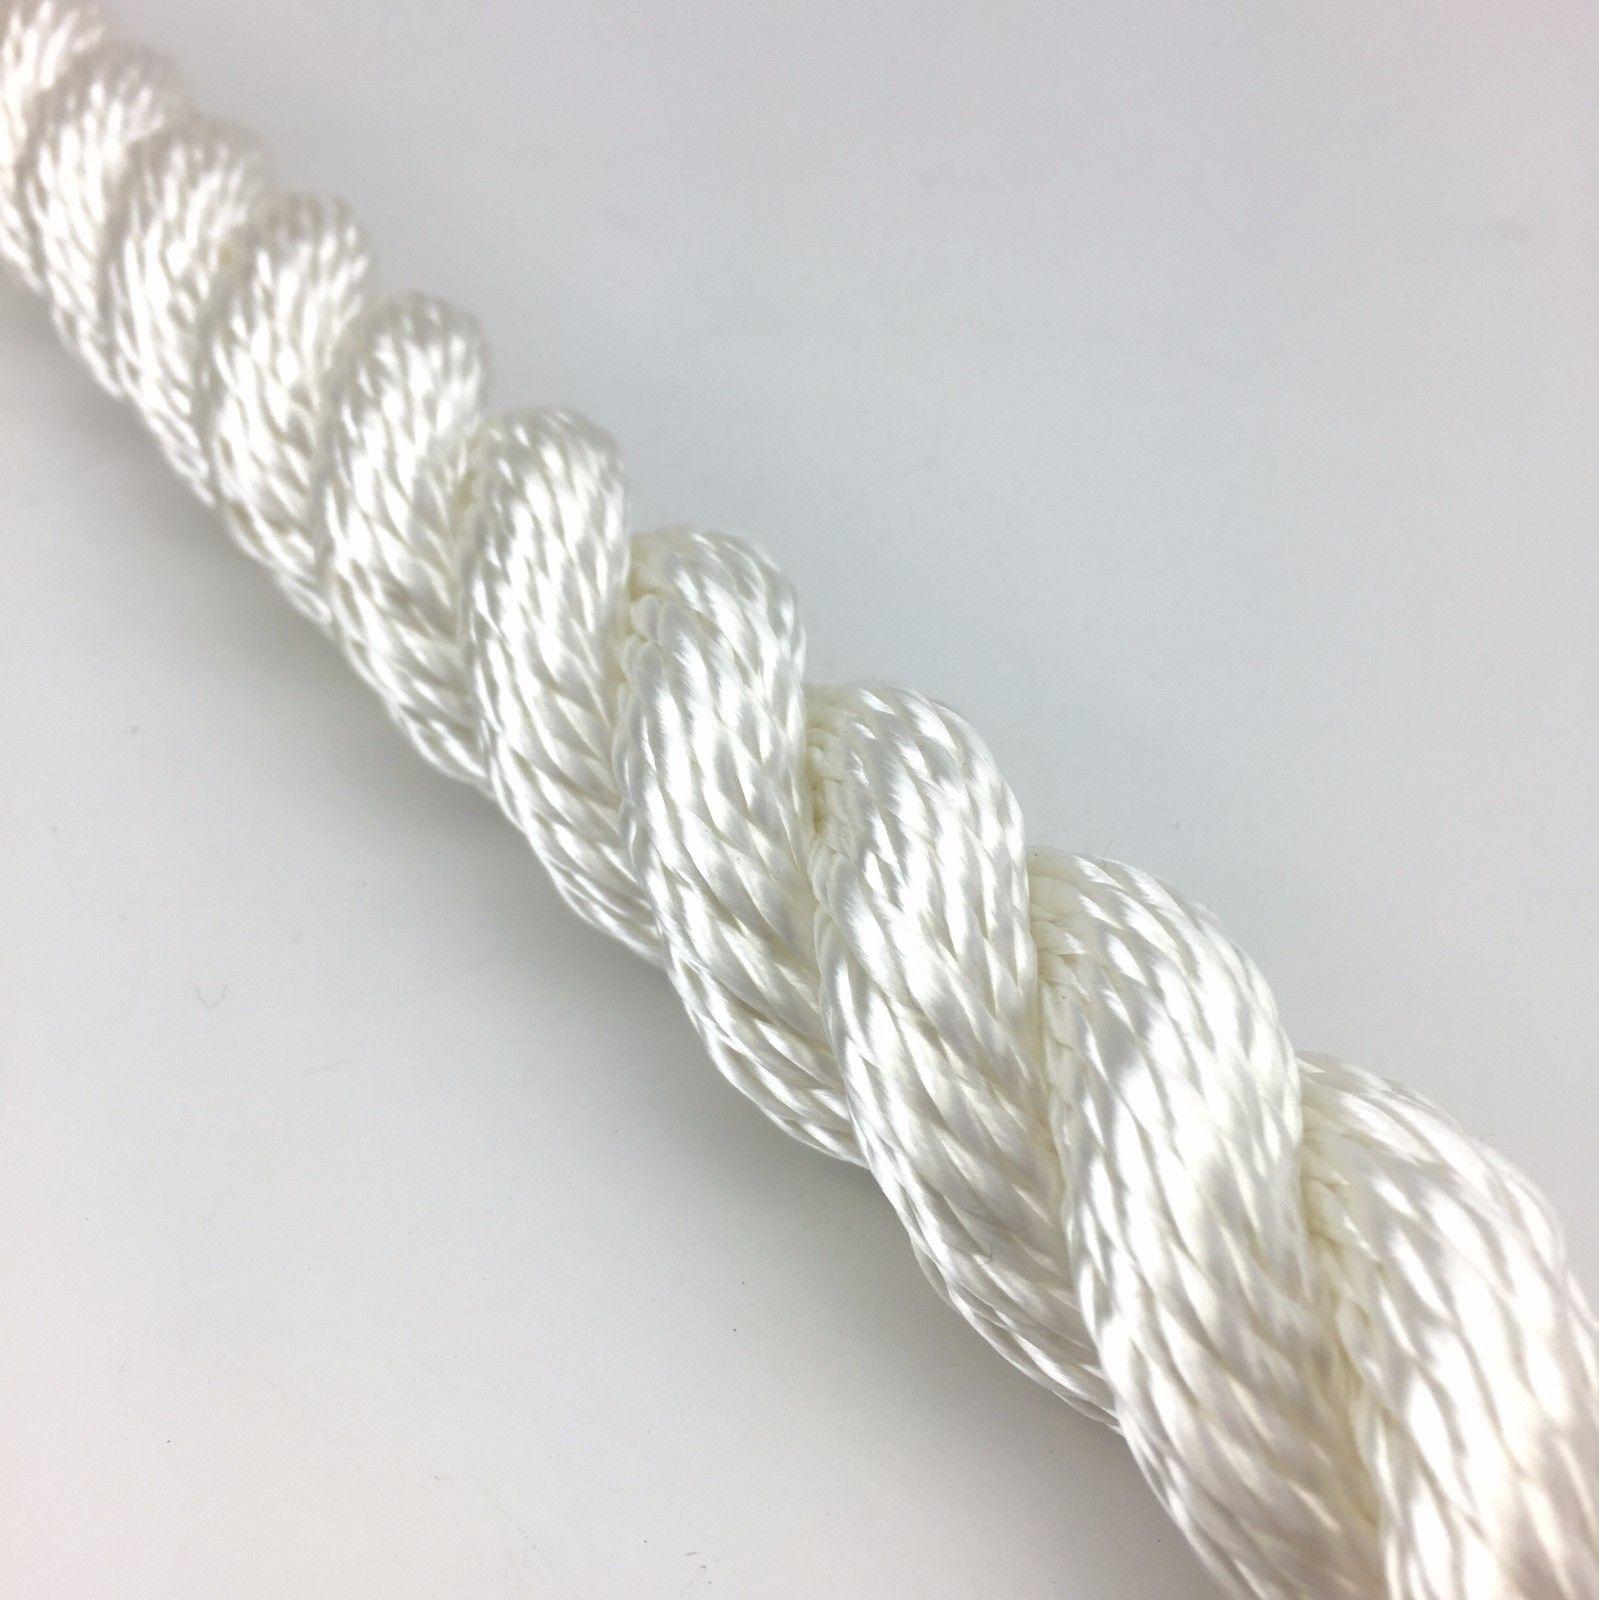 14mm blanc 3 amarrage brins nylon amarrage 3 Corde Sécurité / Bracelet x 2 mètres 6b7022